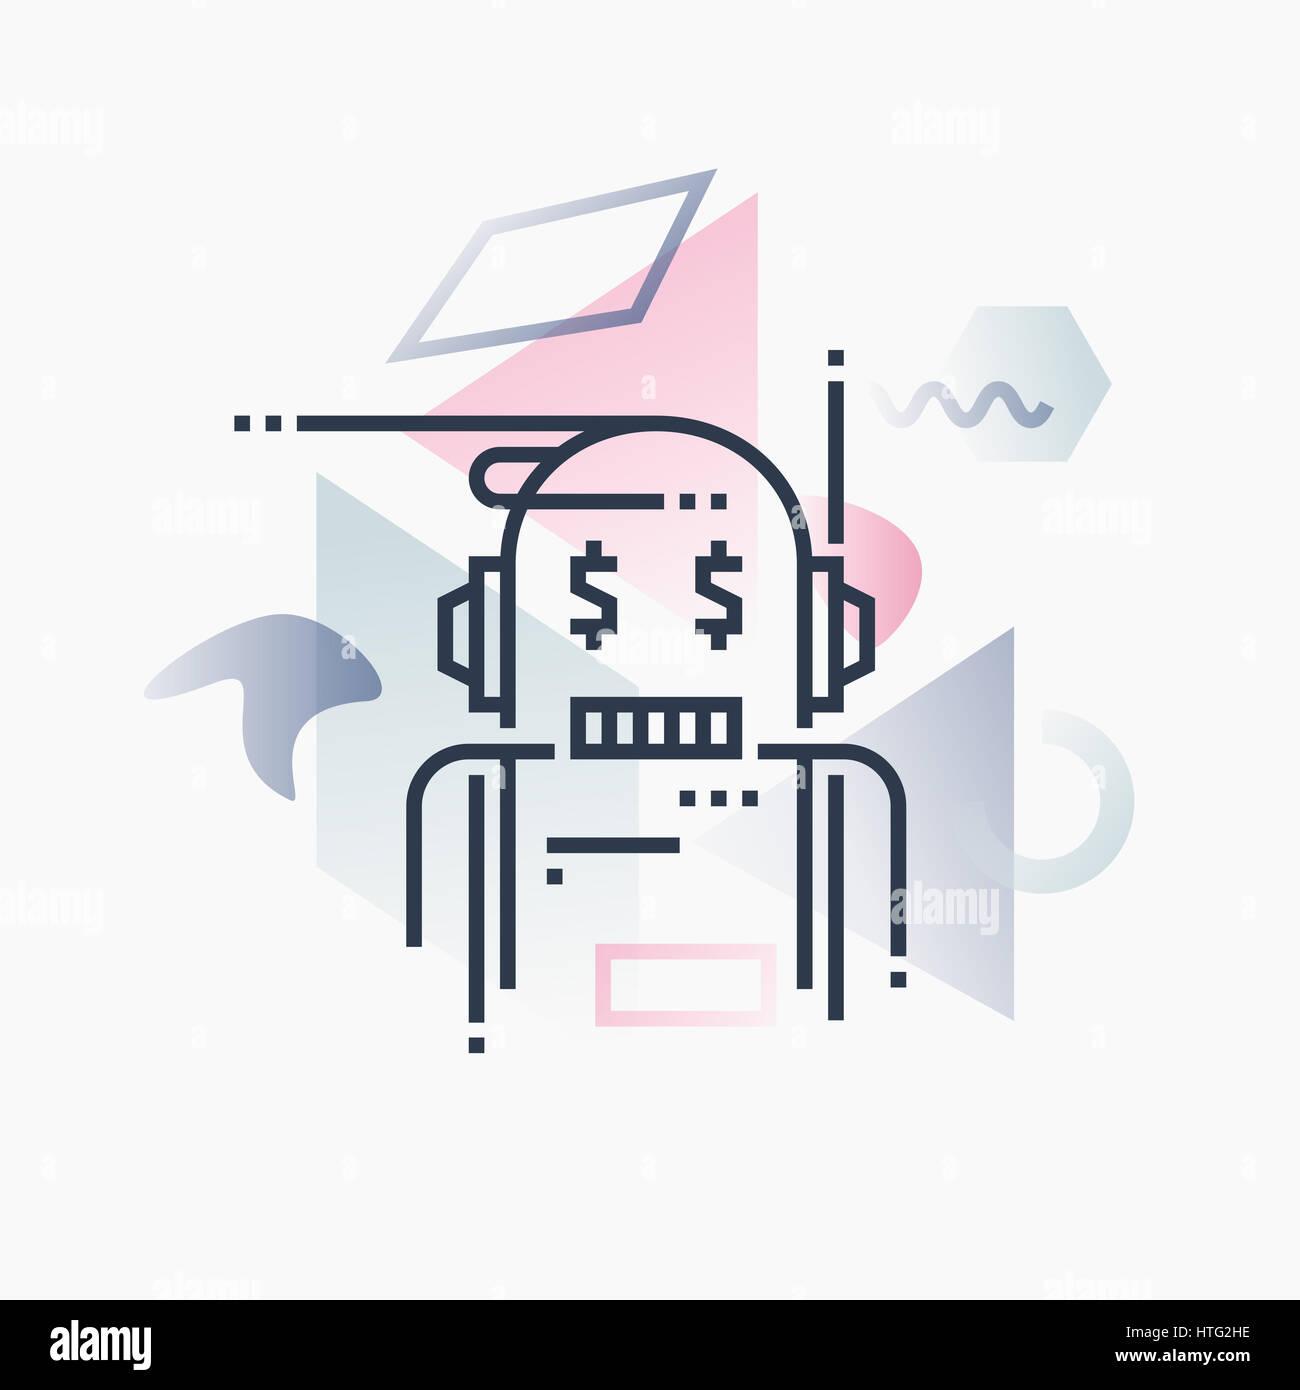 Robo-advisor, servicios financieros inteligencia artificial. Ilustración abstracto concepto. Foto de stock